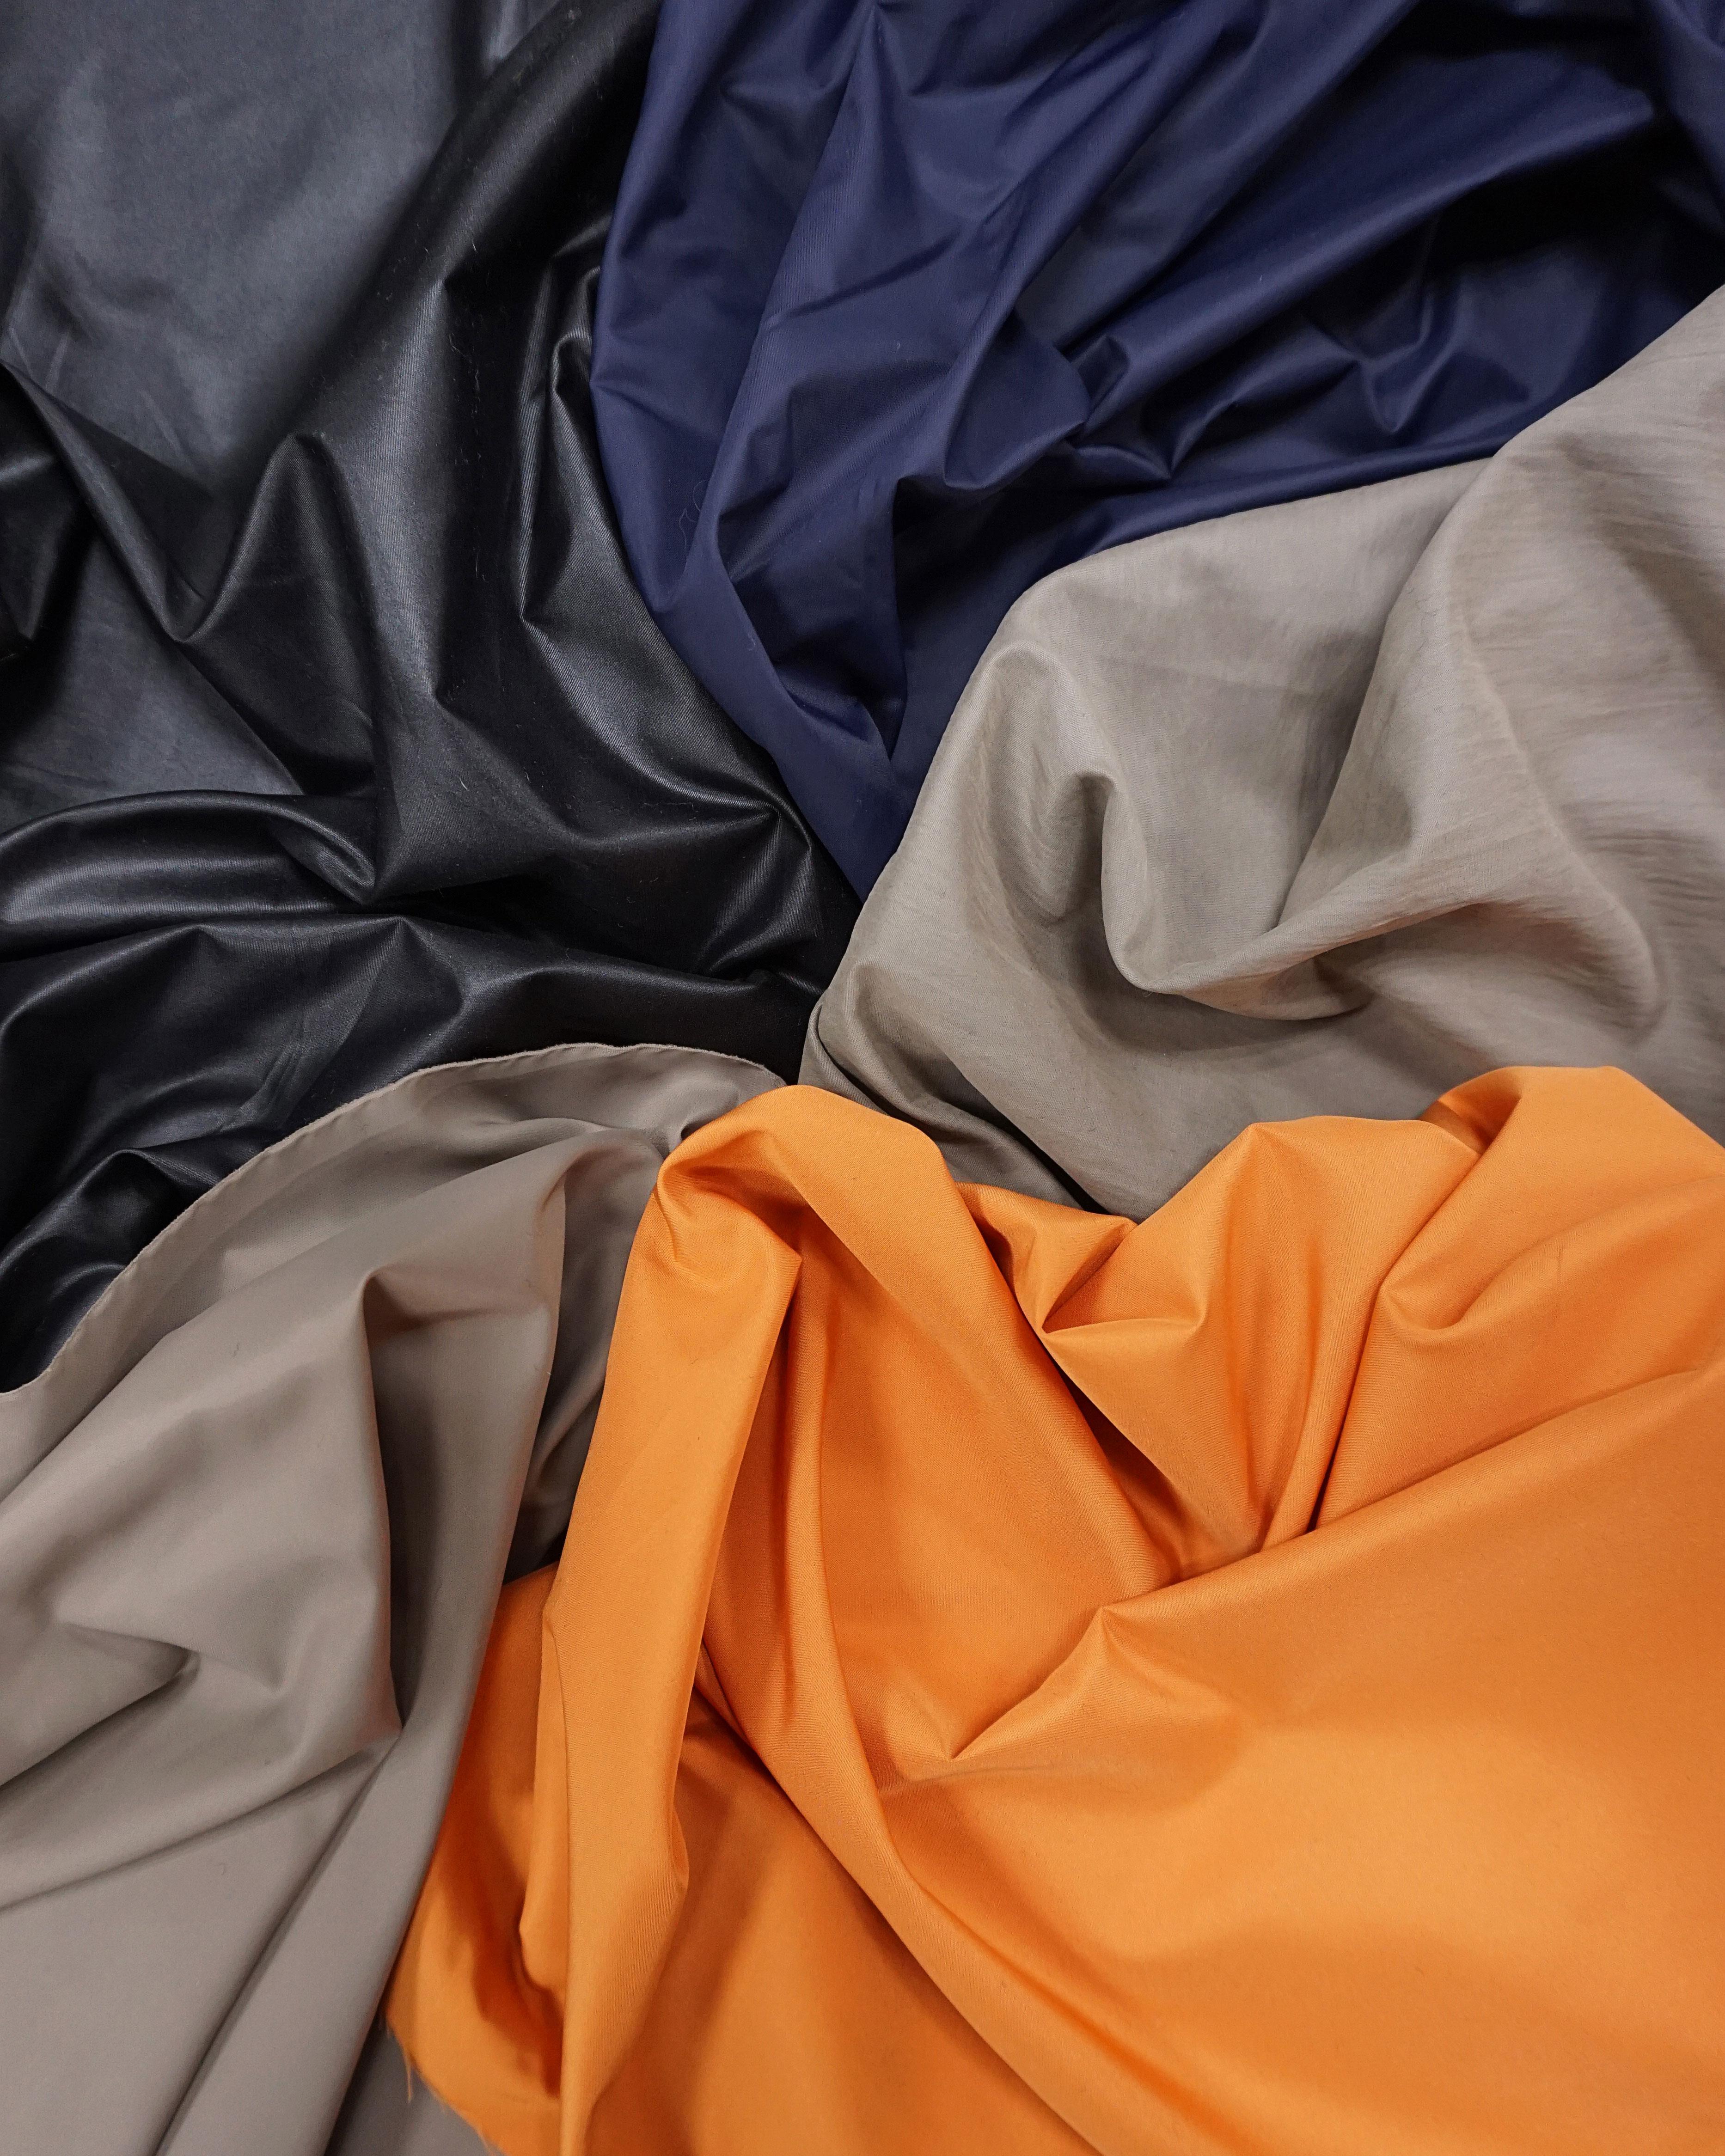 Плащевые ткани для тренча